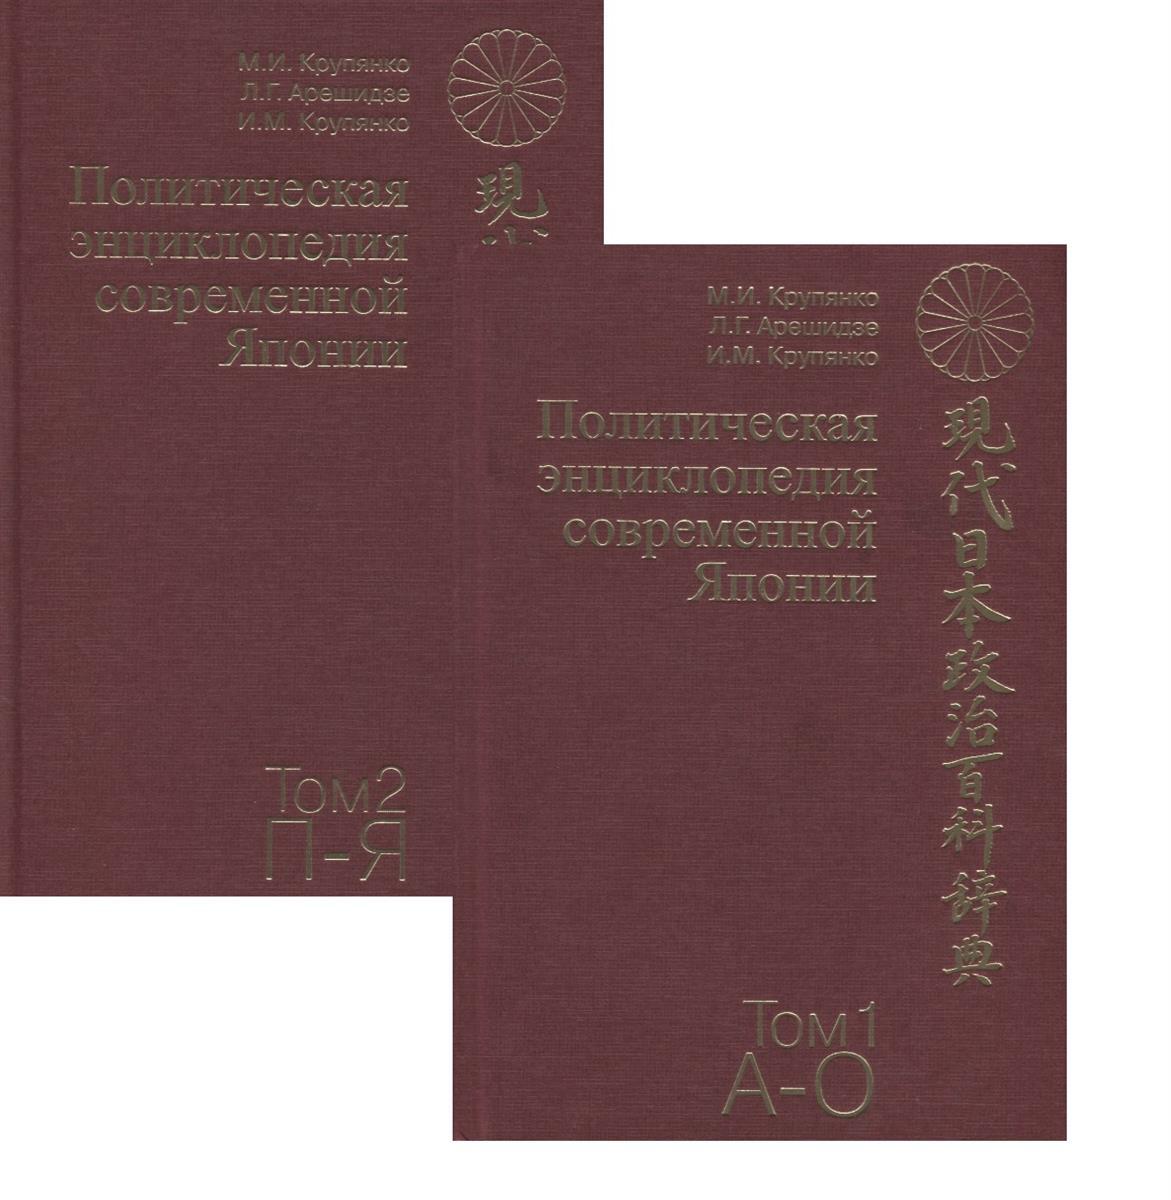 Крупянко М., Арешидзе Л., Крупянко И. Политическая энциклопедия современной Японии. В 2 томах (комплект из 2 книг)